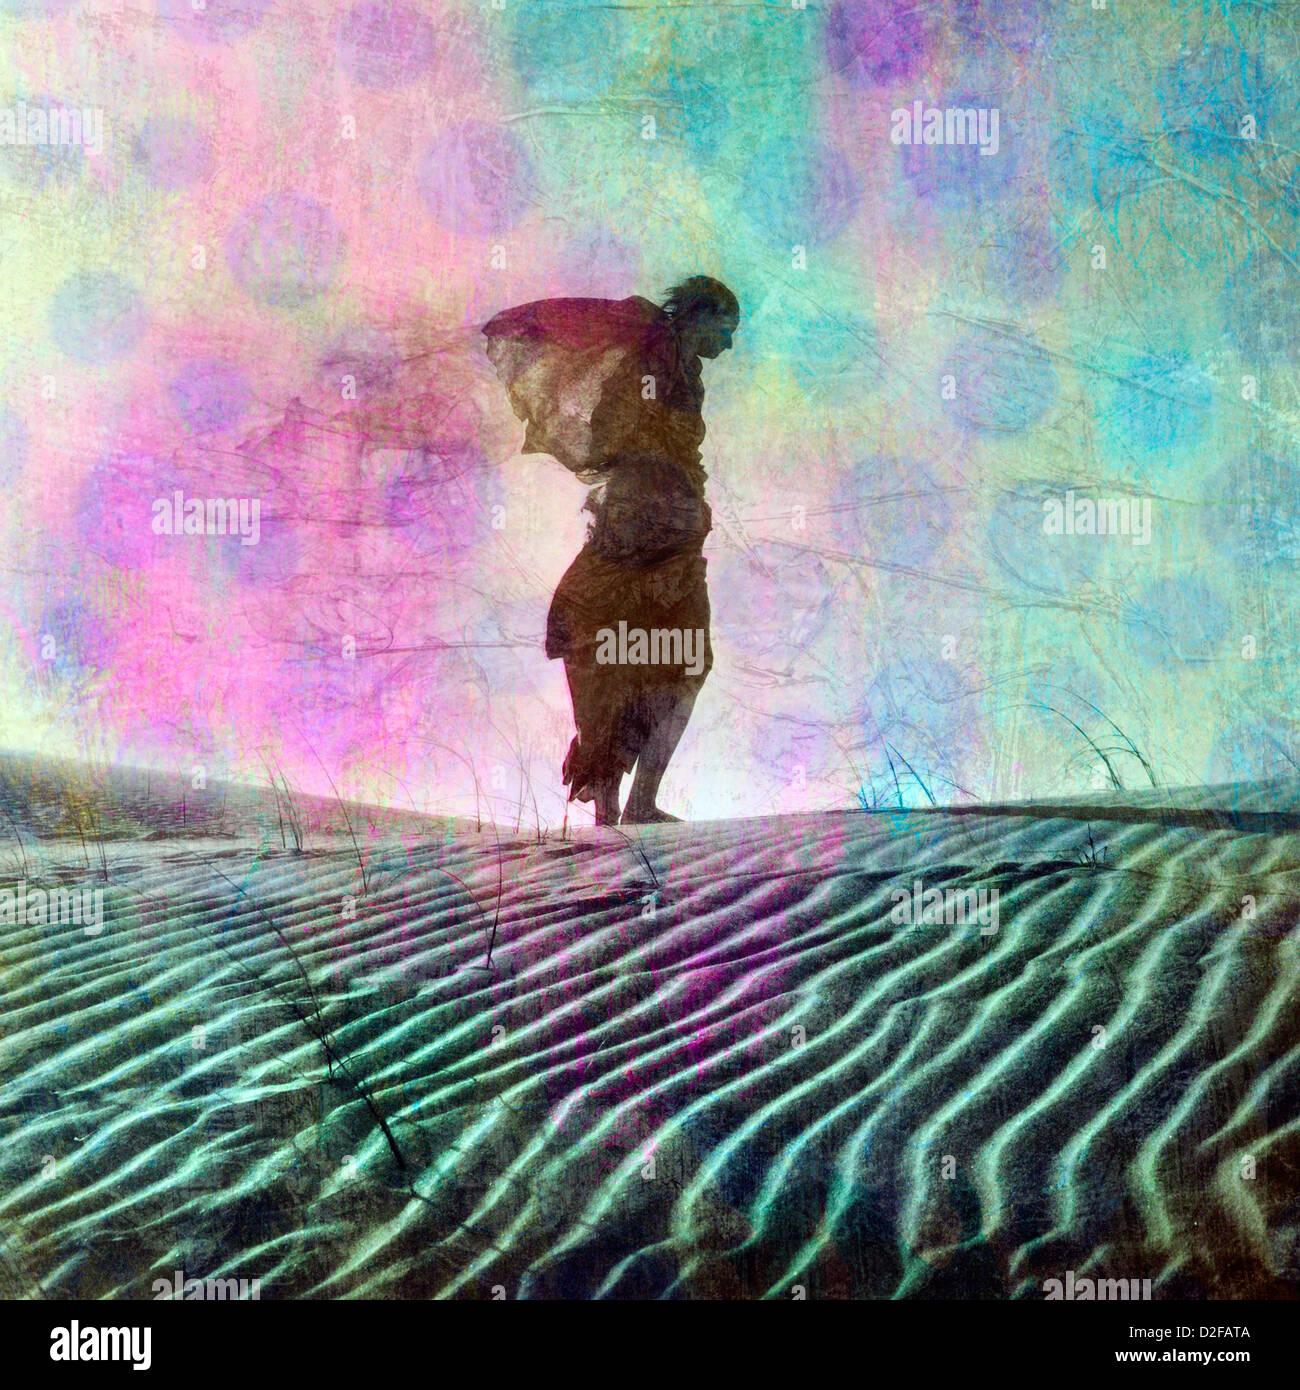 Abstract female figure in desert dune. Photo based illustration. - Stock Image